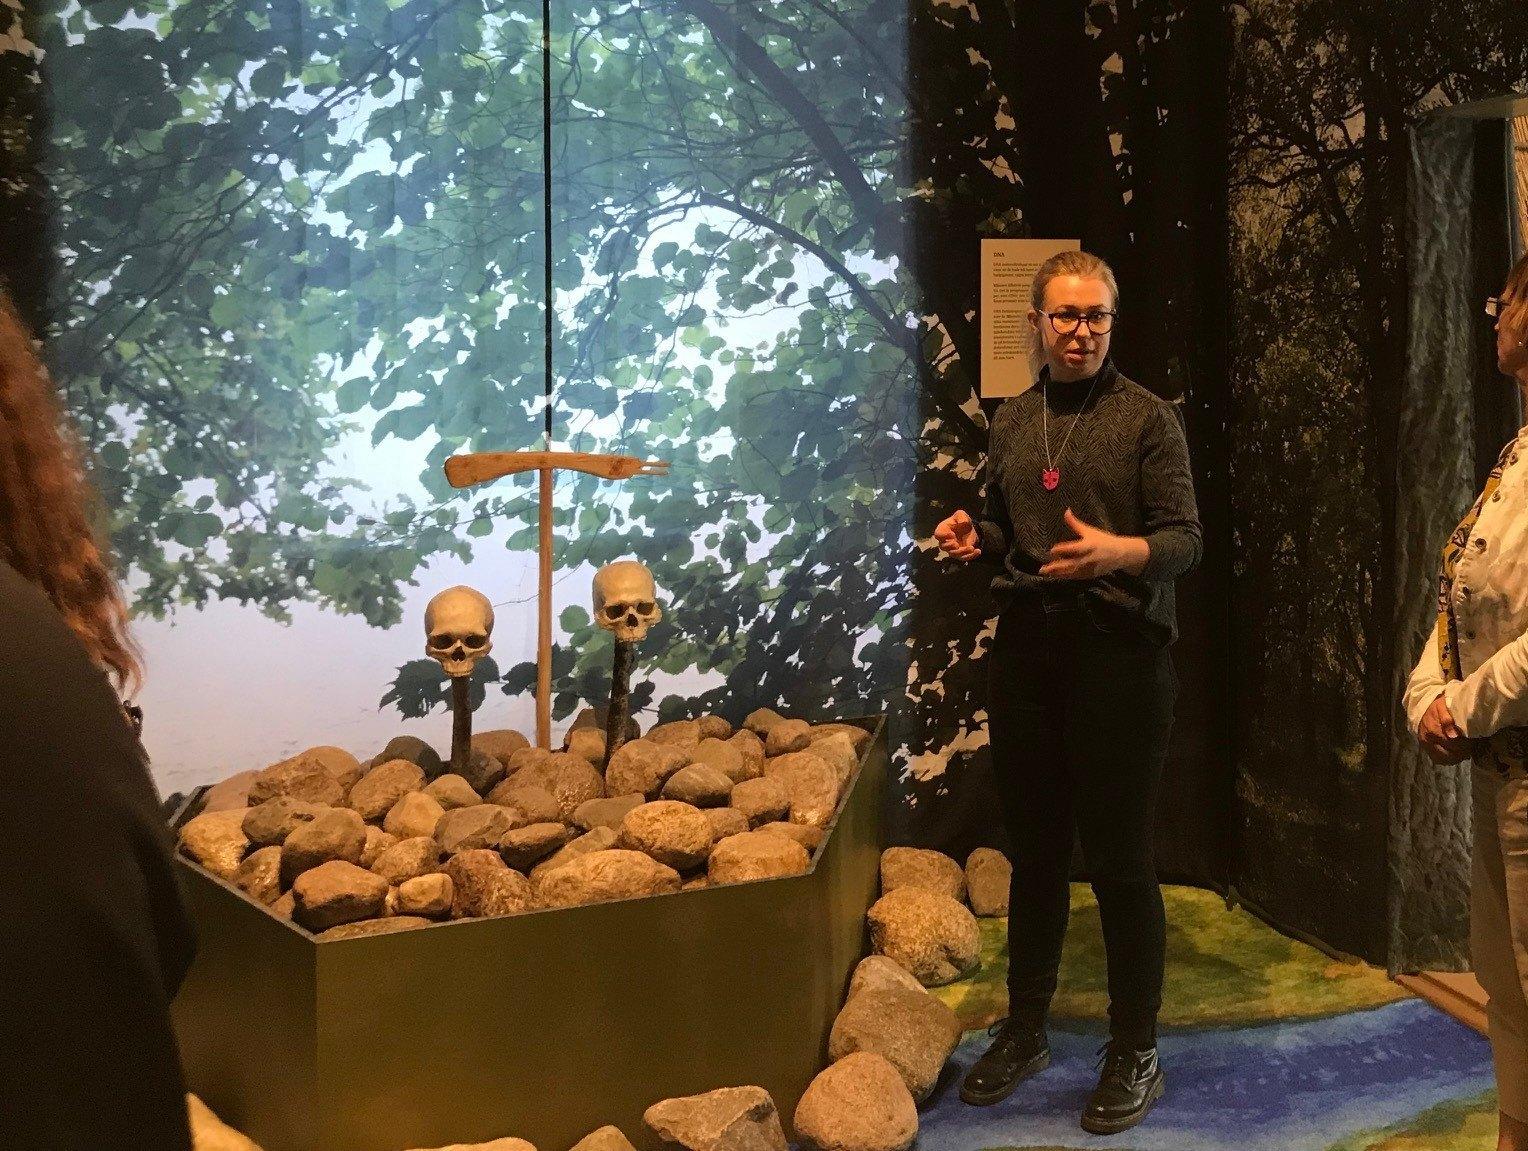 Guide står vid döskallar på museum och pratar